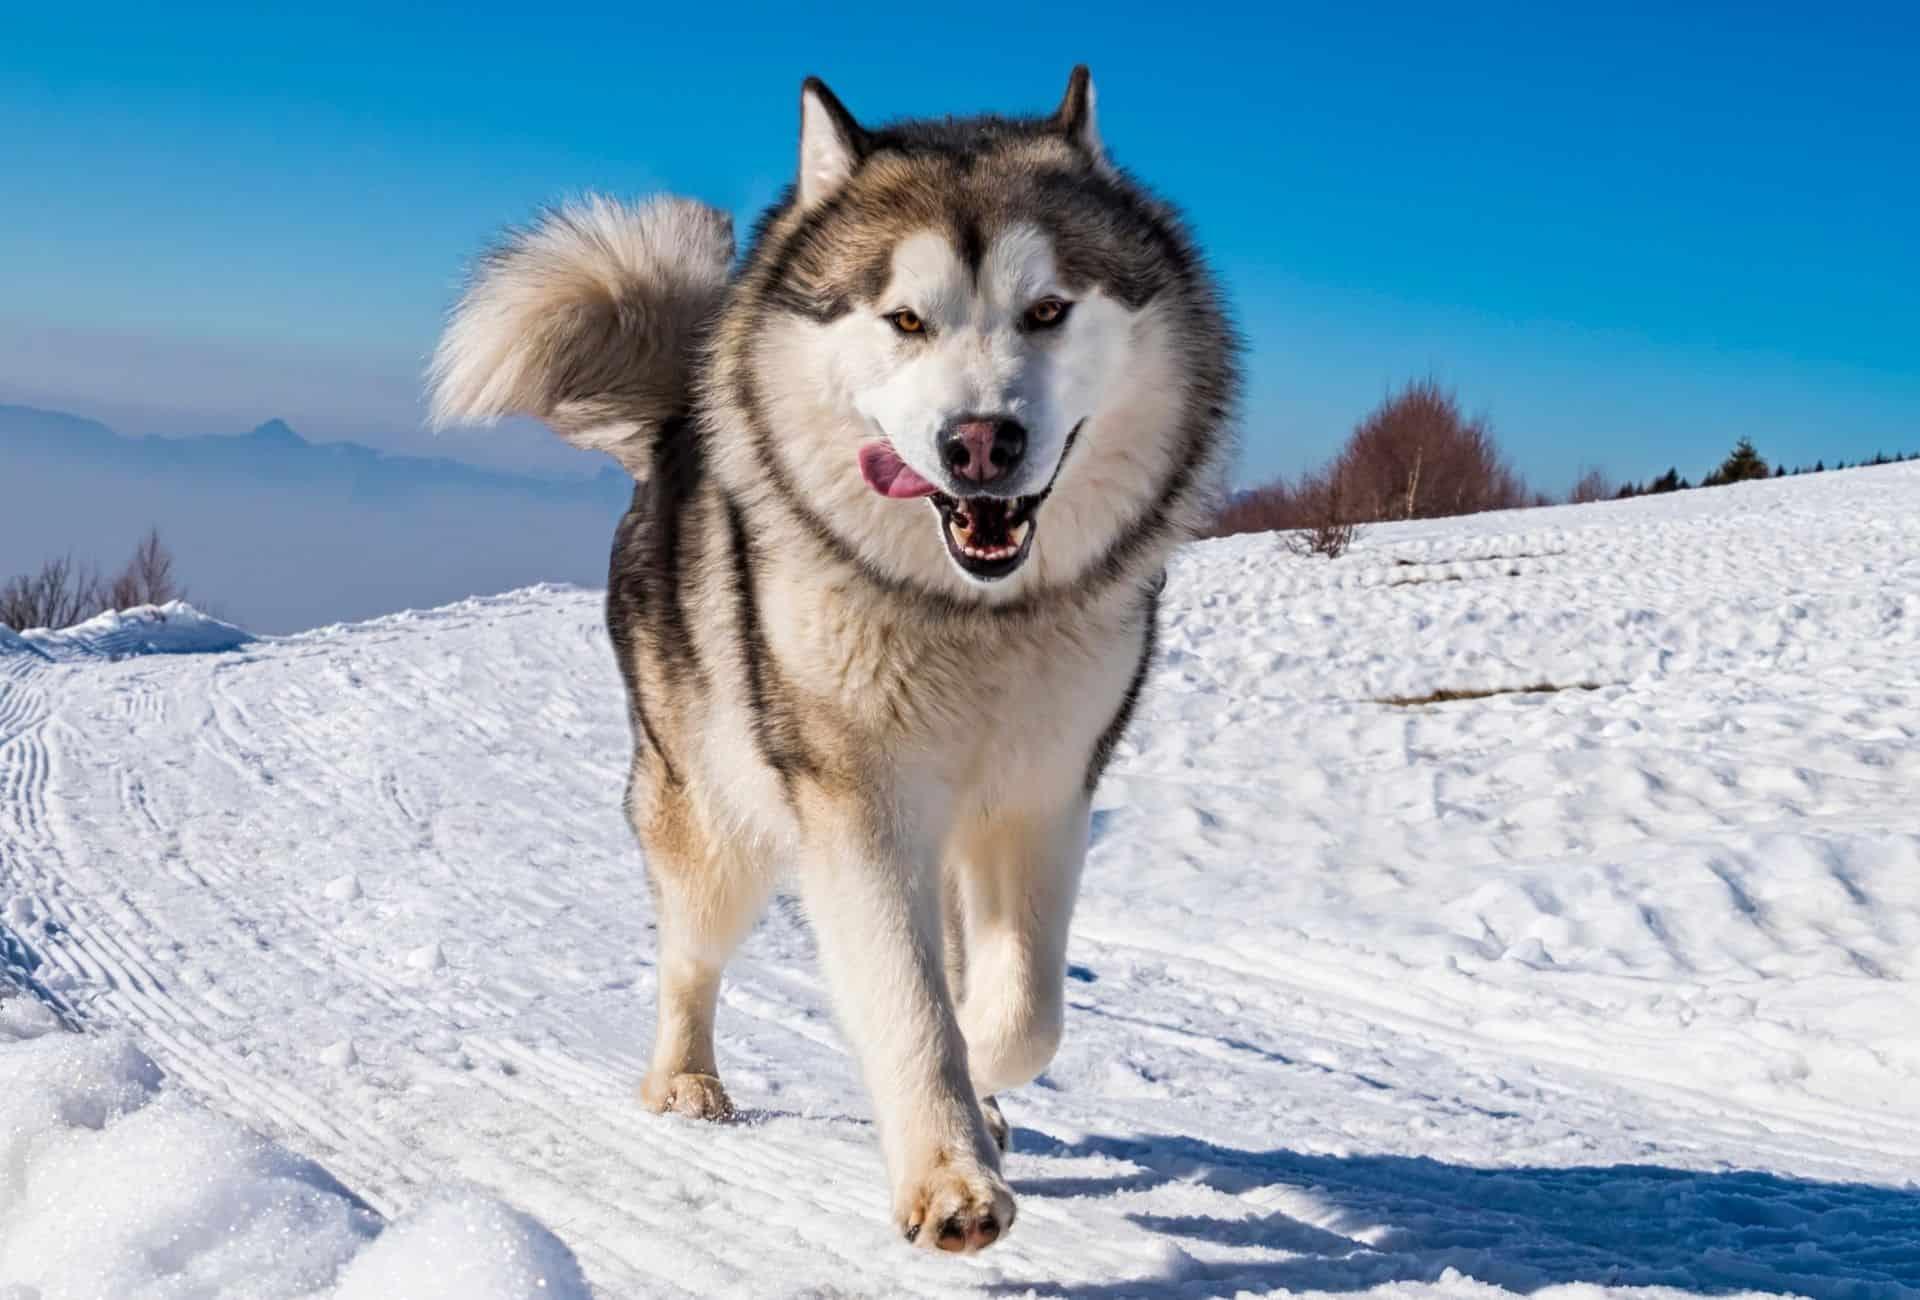 Alaskan Malamute in the snow pouncing like a fierce bear.